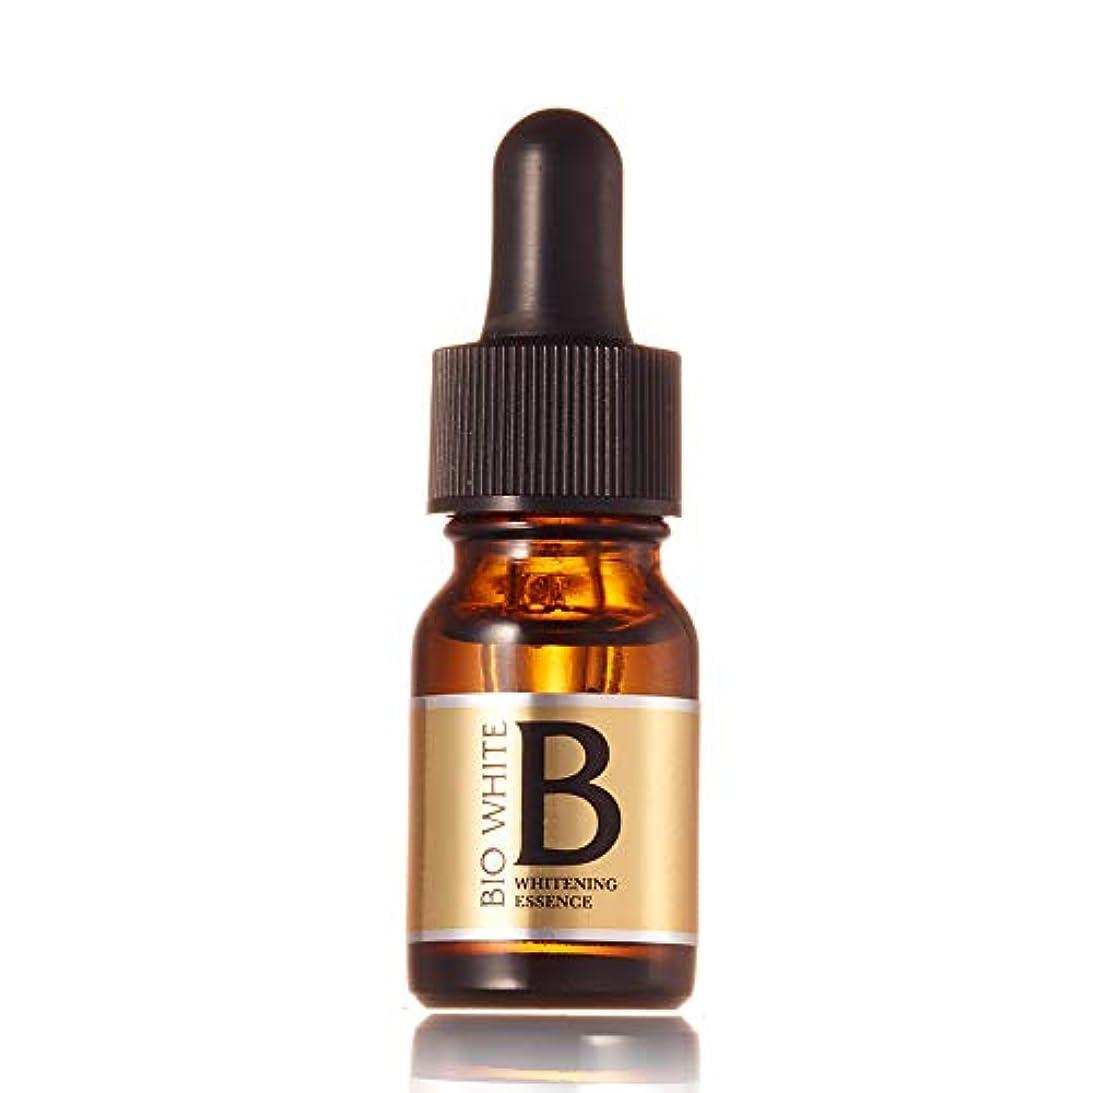 回復する説明する経験エビス化粧品(EBiS) しみ くすみ 対策 美容液 エビスビーホワイト10ml トラネキサム酸配合 男女兼用 美白美容液 日本製